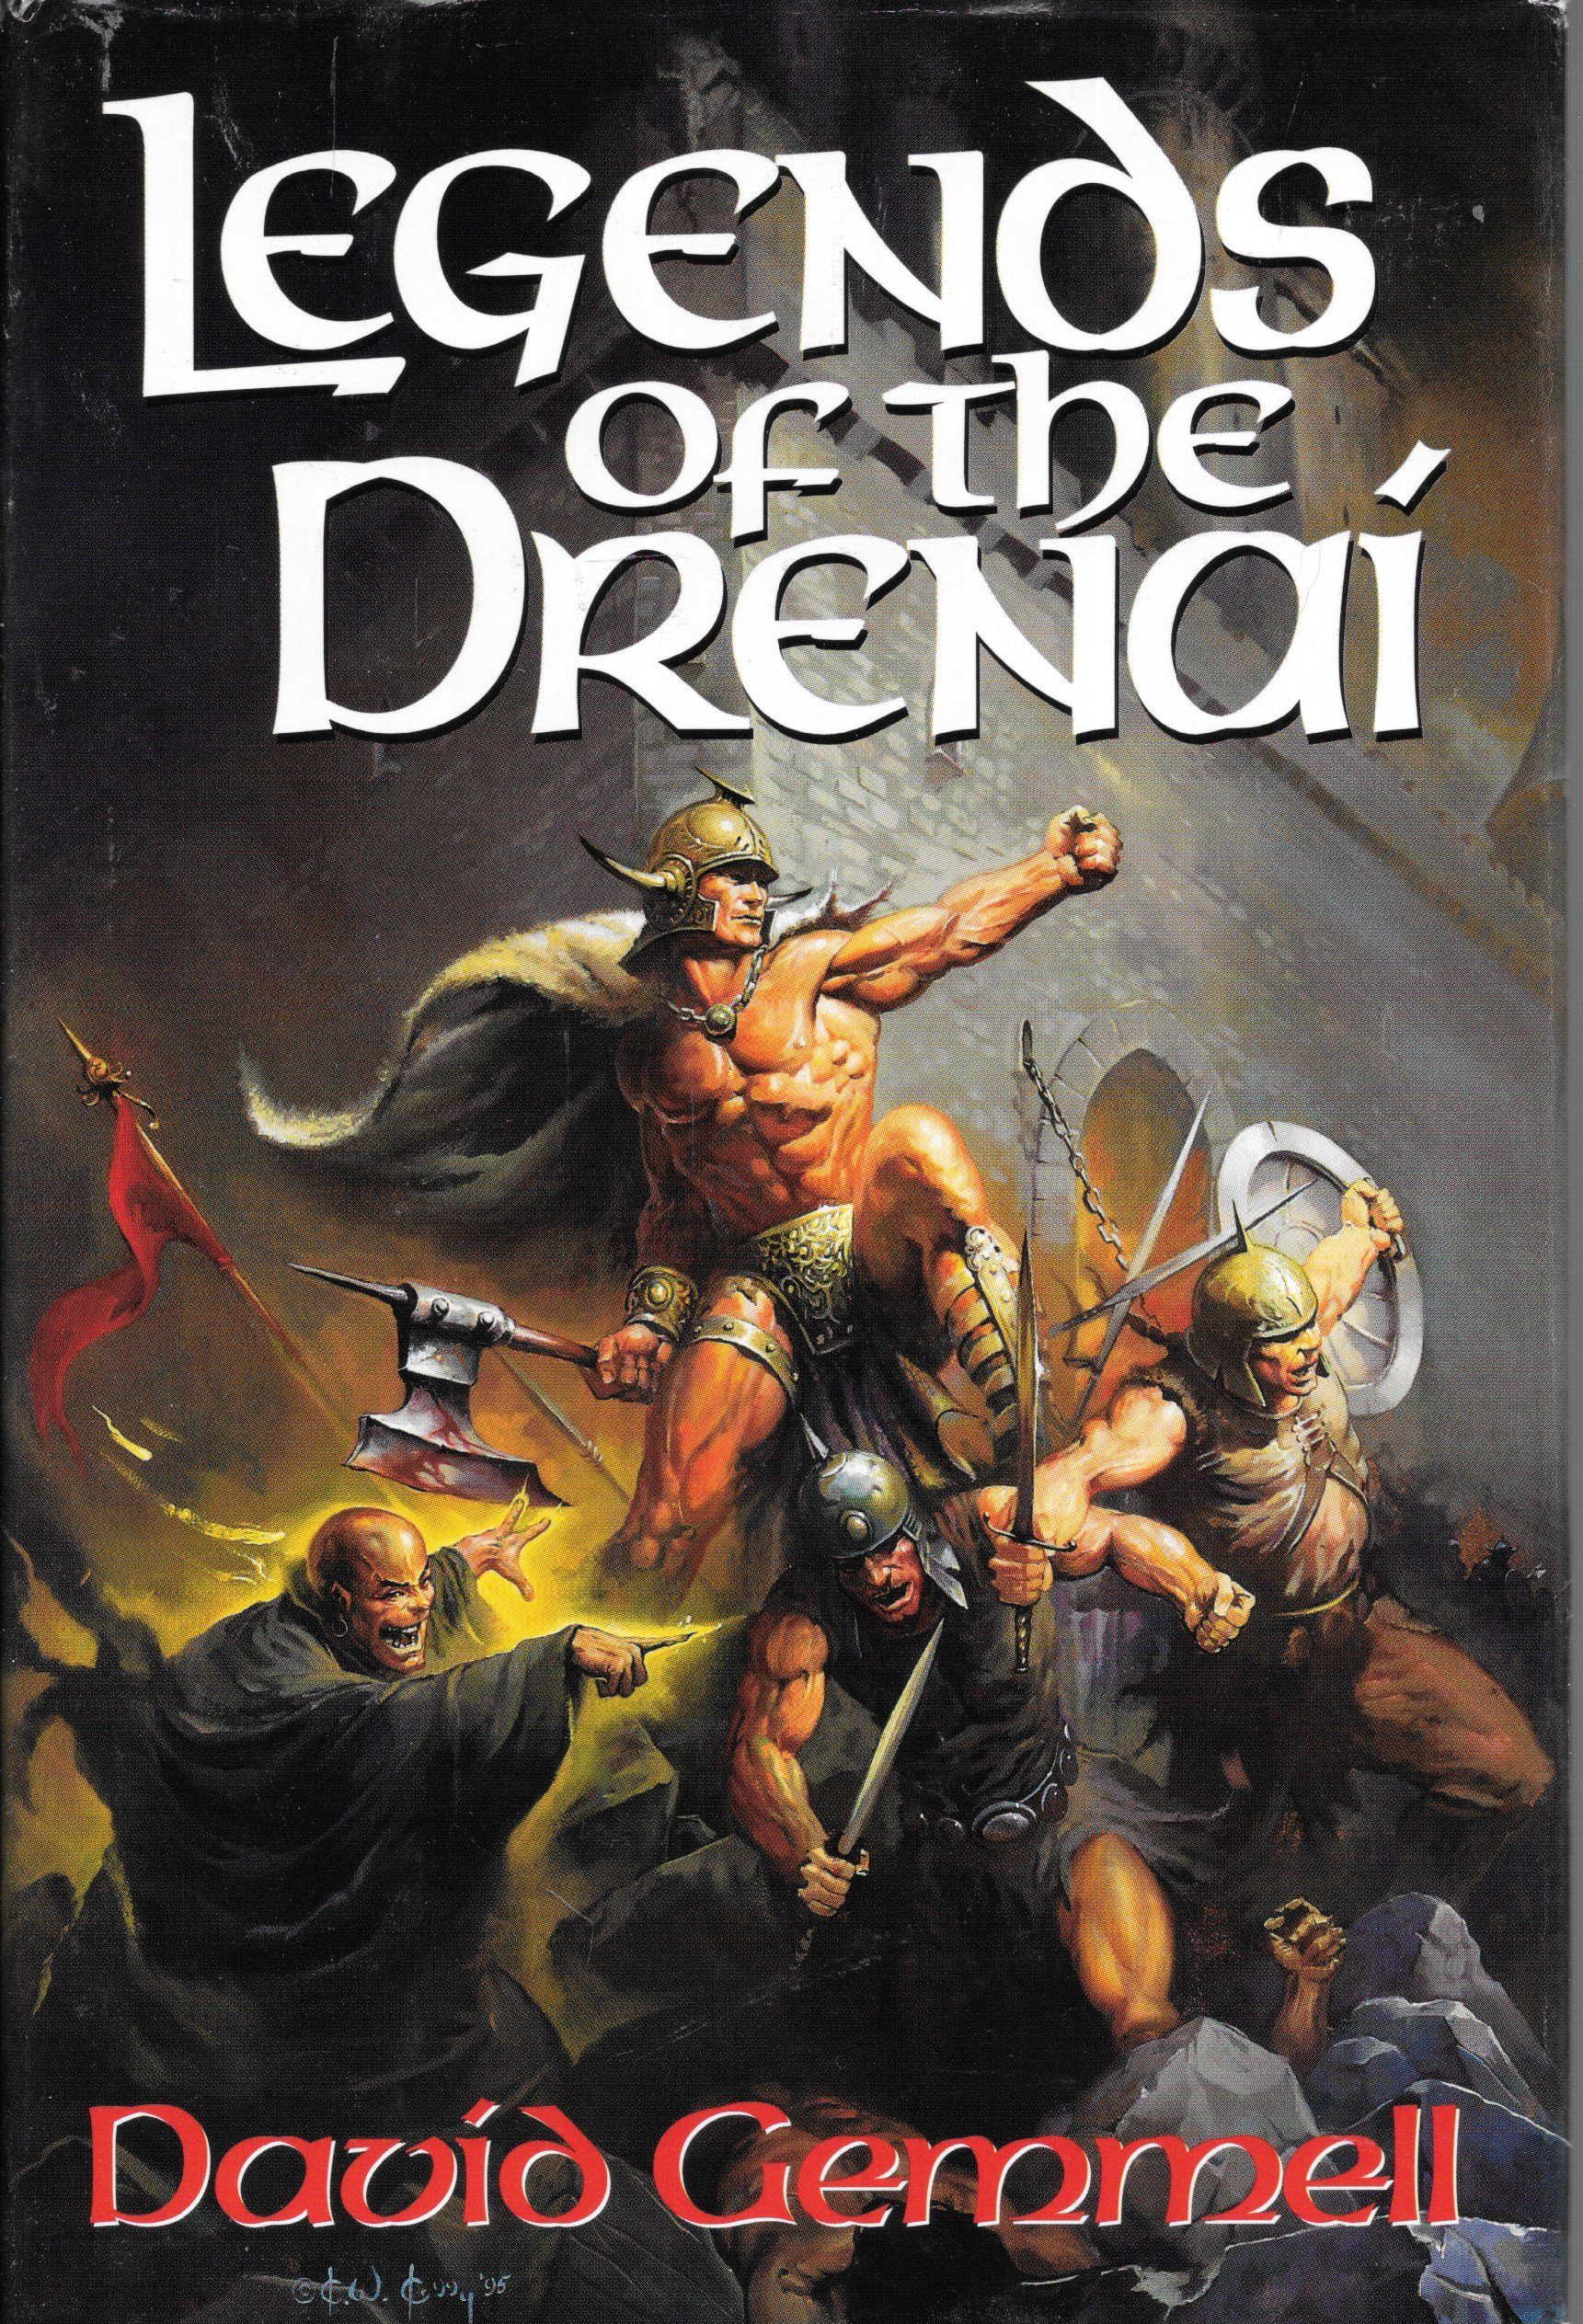 Legends Drenai David Gemmell